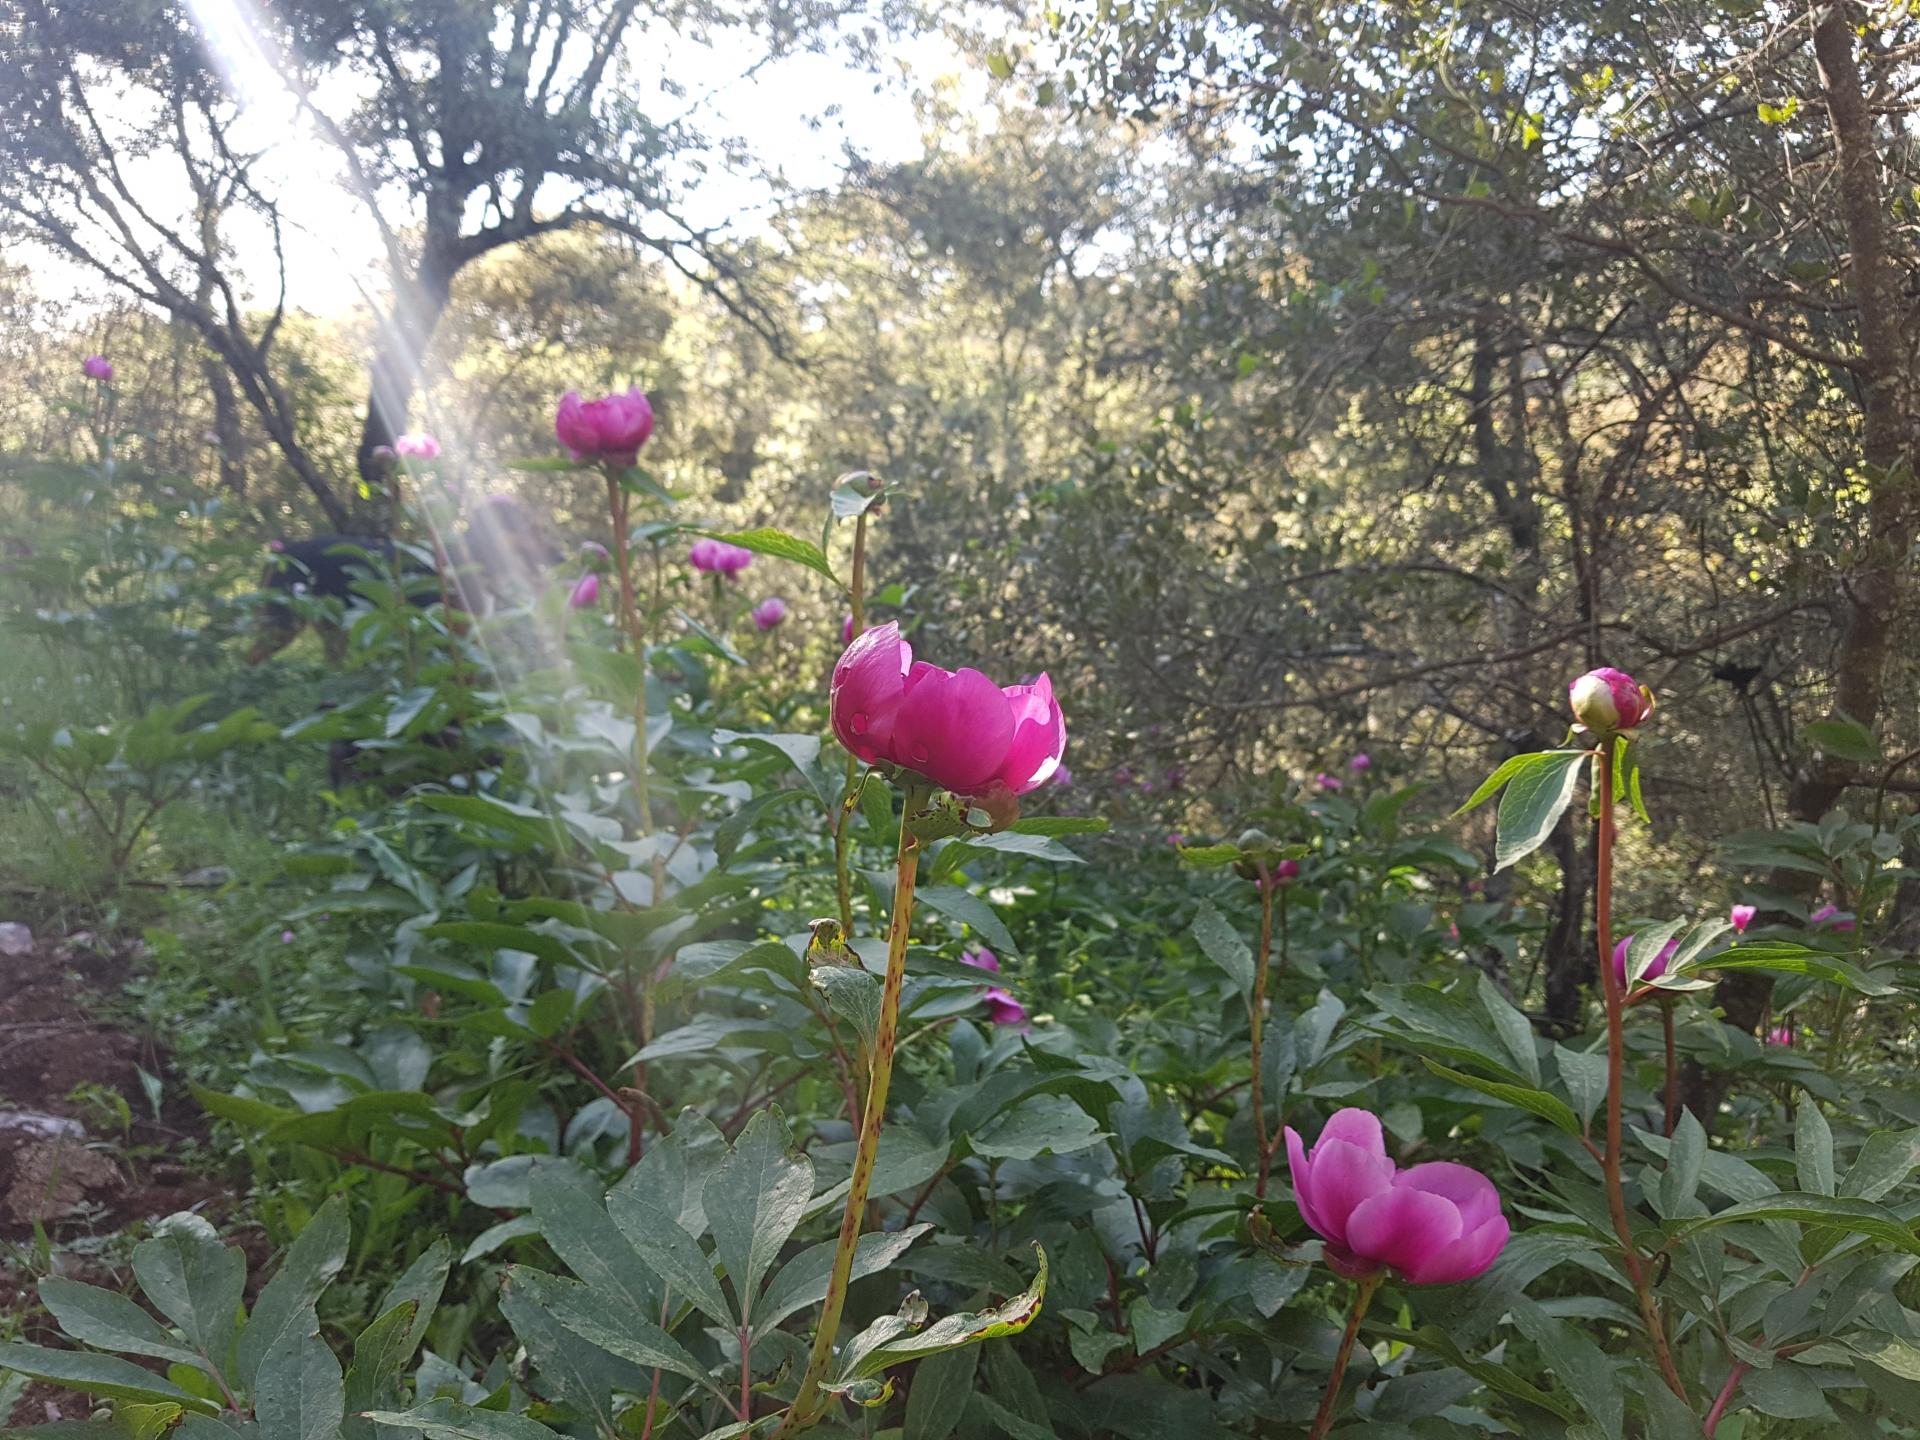 El bosque de hadas se viste de peonias...